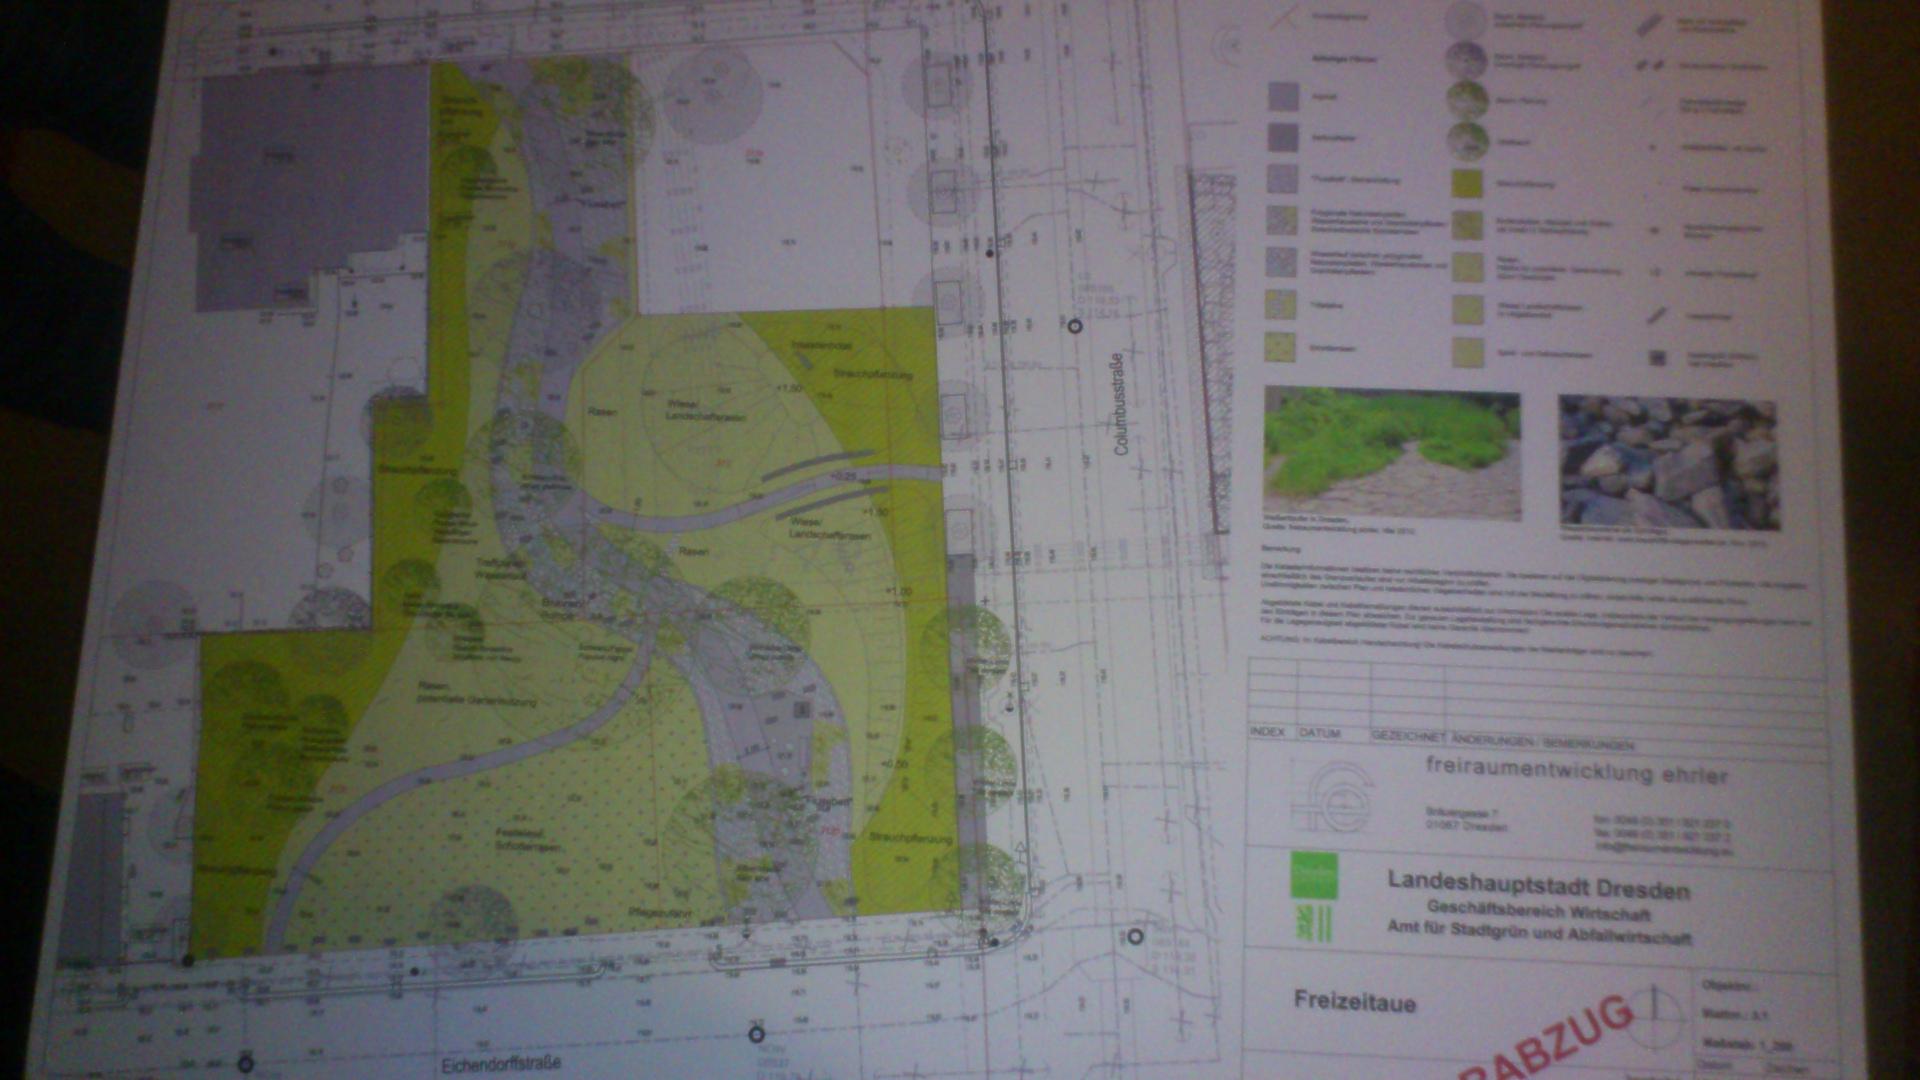 Grabeland für Löbtau – Pläne für den Park an der Columbusstraße vorgestellt